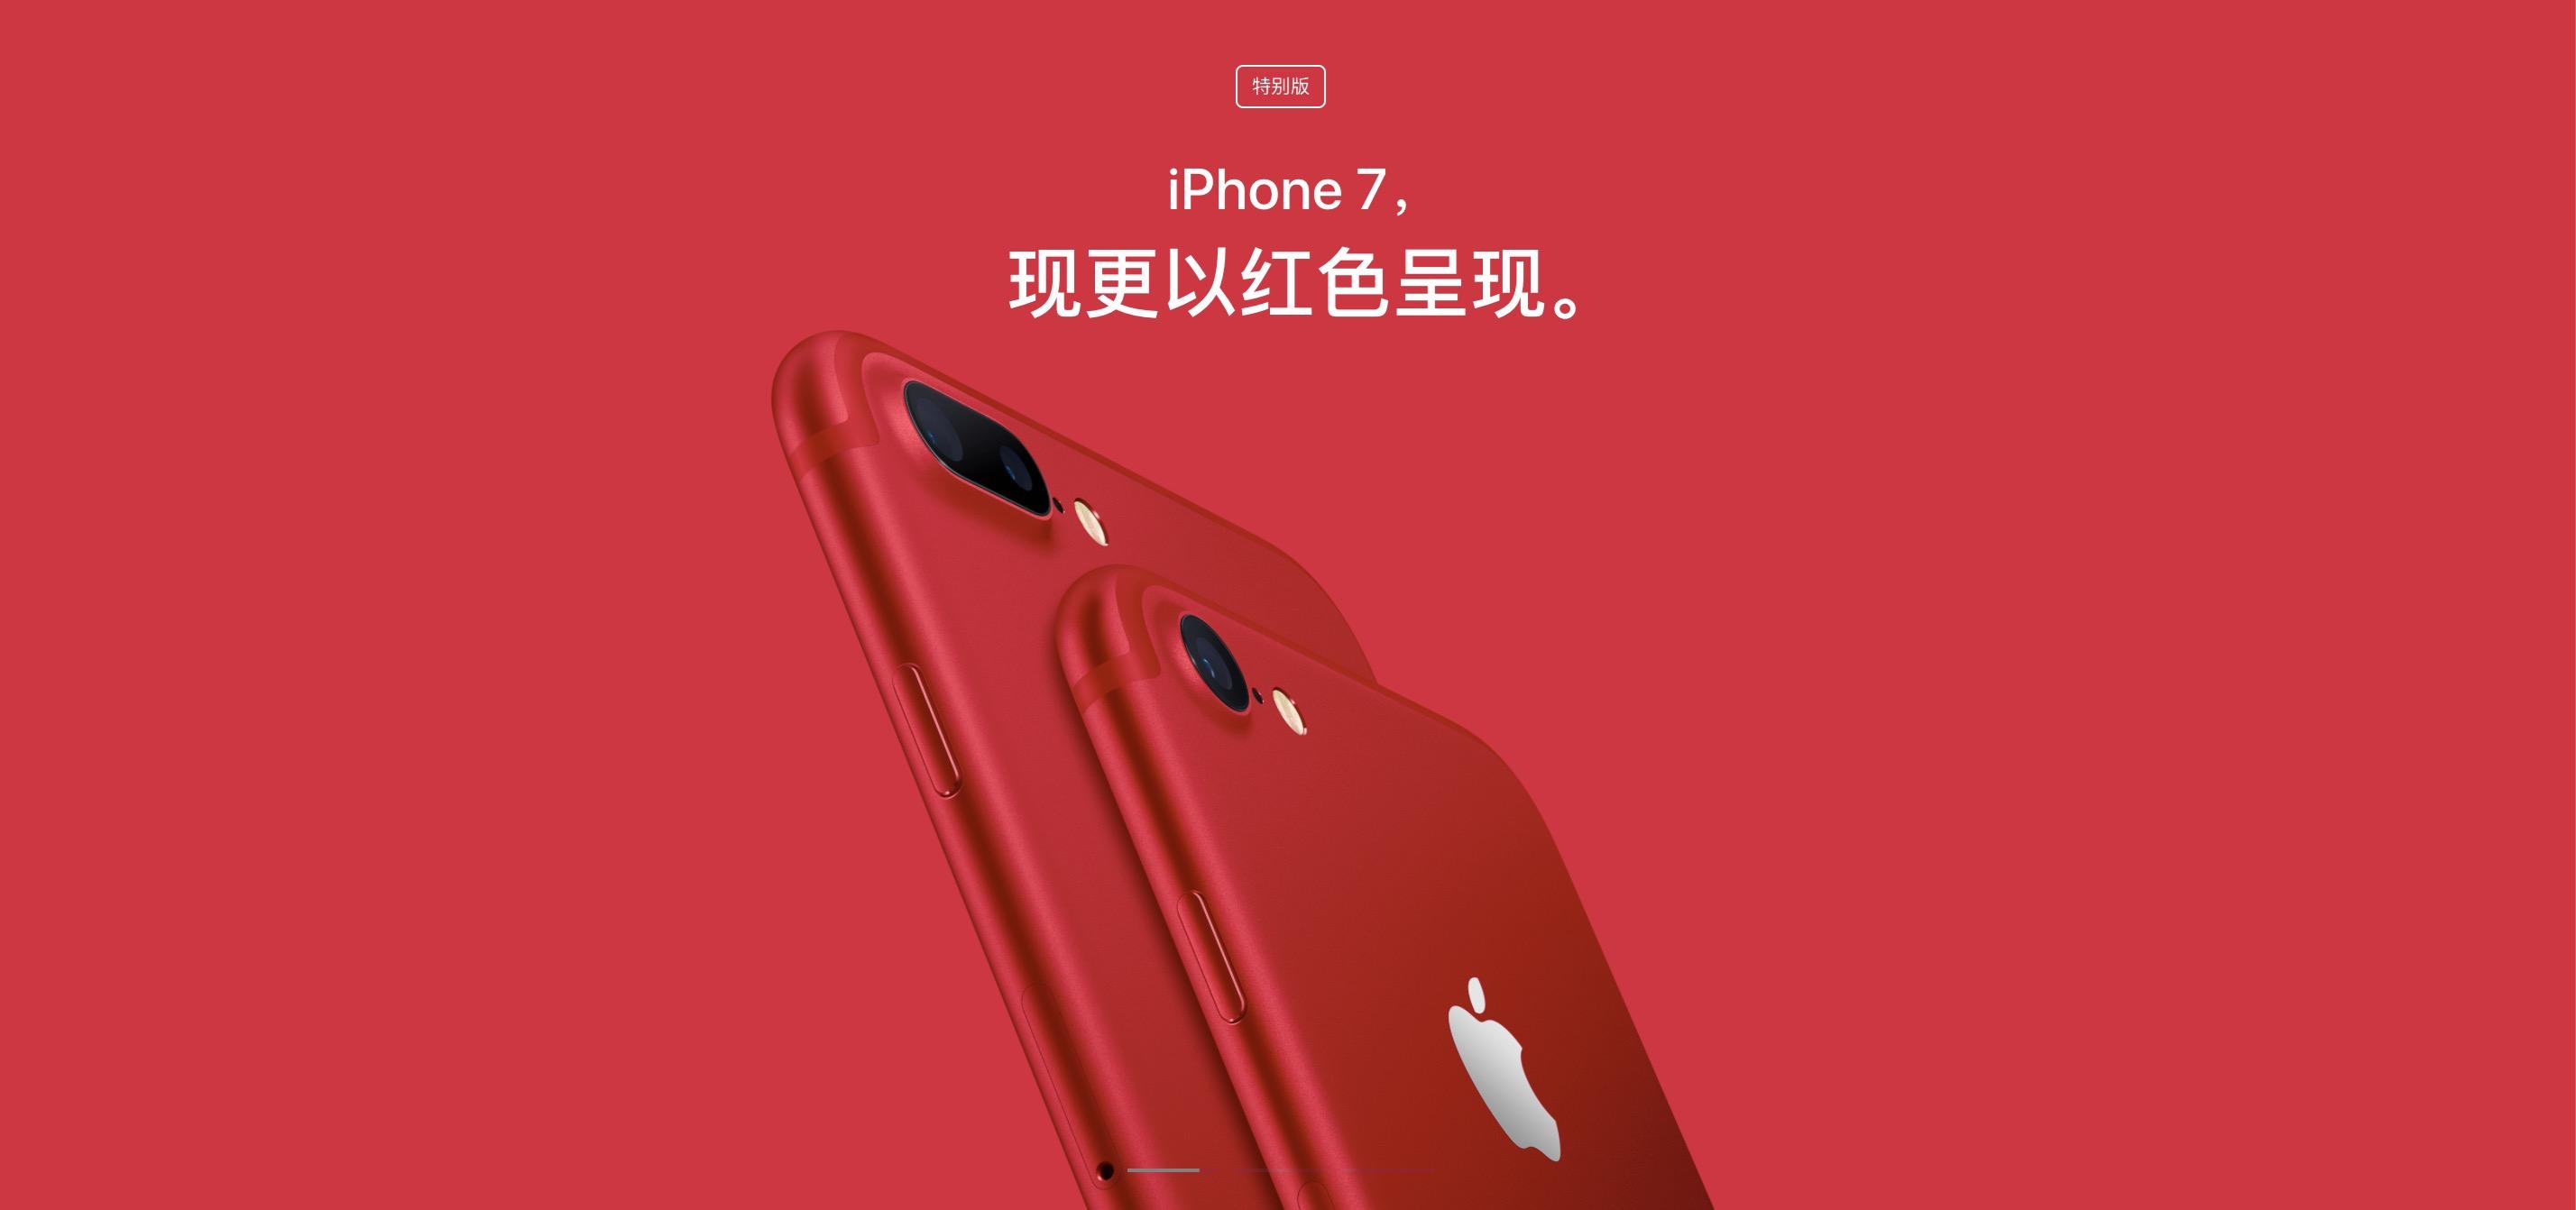 红色 iPhone 7/7 Plus、9.7寸 iPad 正式开售的照片 - 1